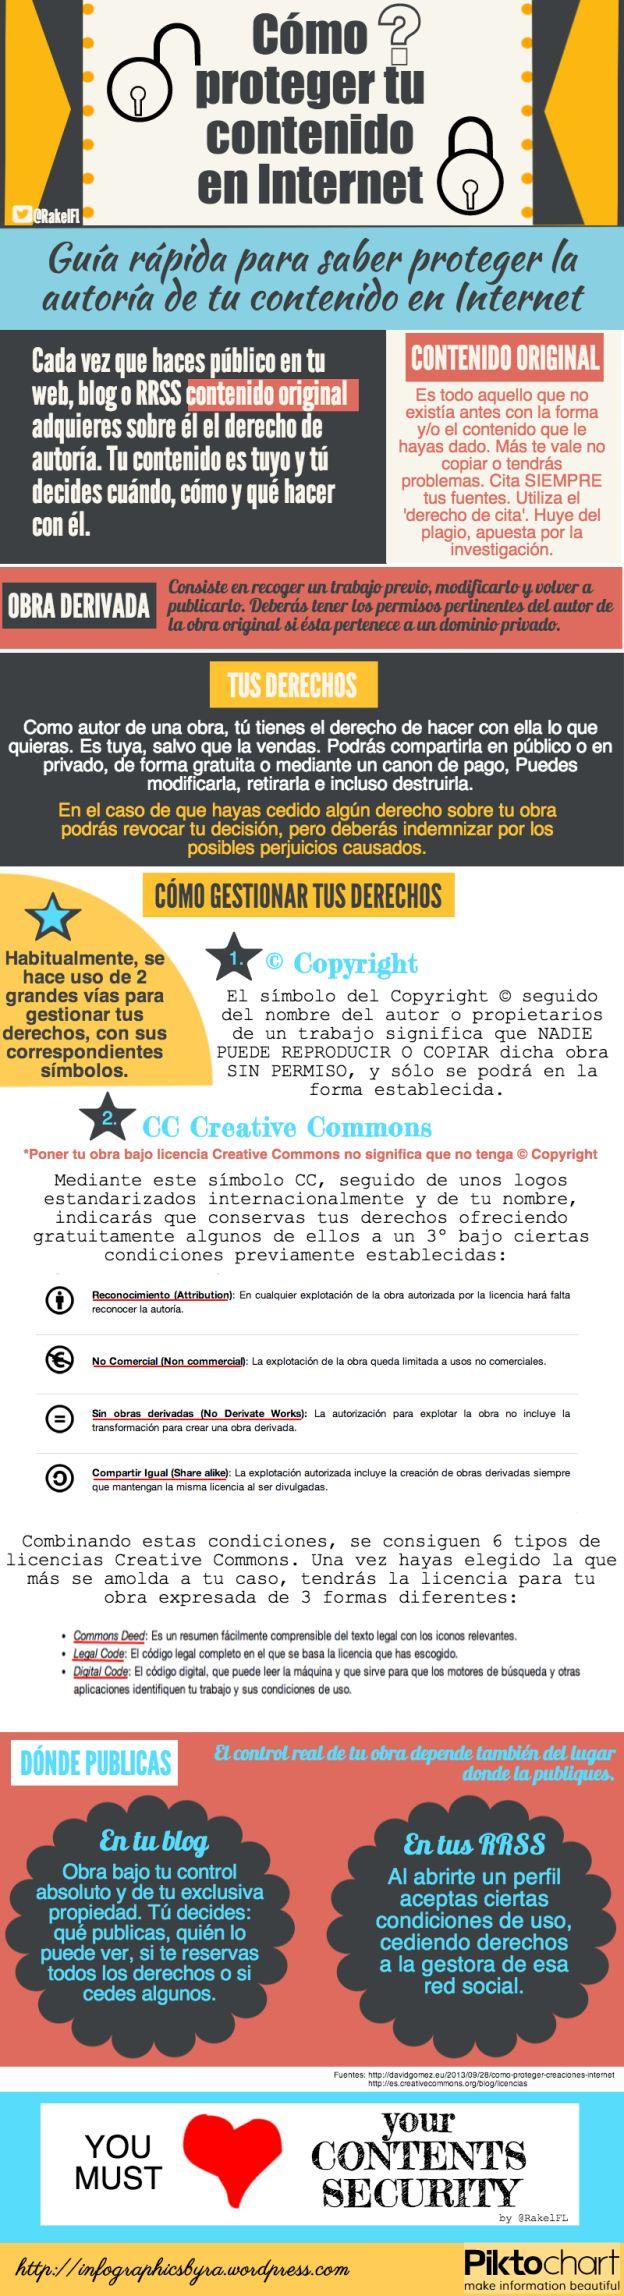 Cómo proteger tu #contenido en Internet. Guía rápida. [#infografía]